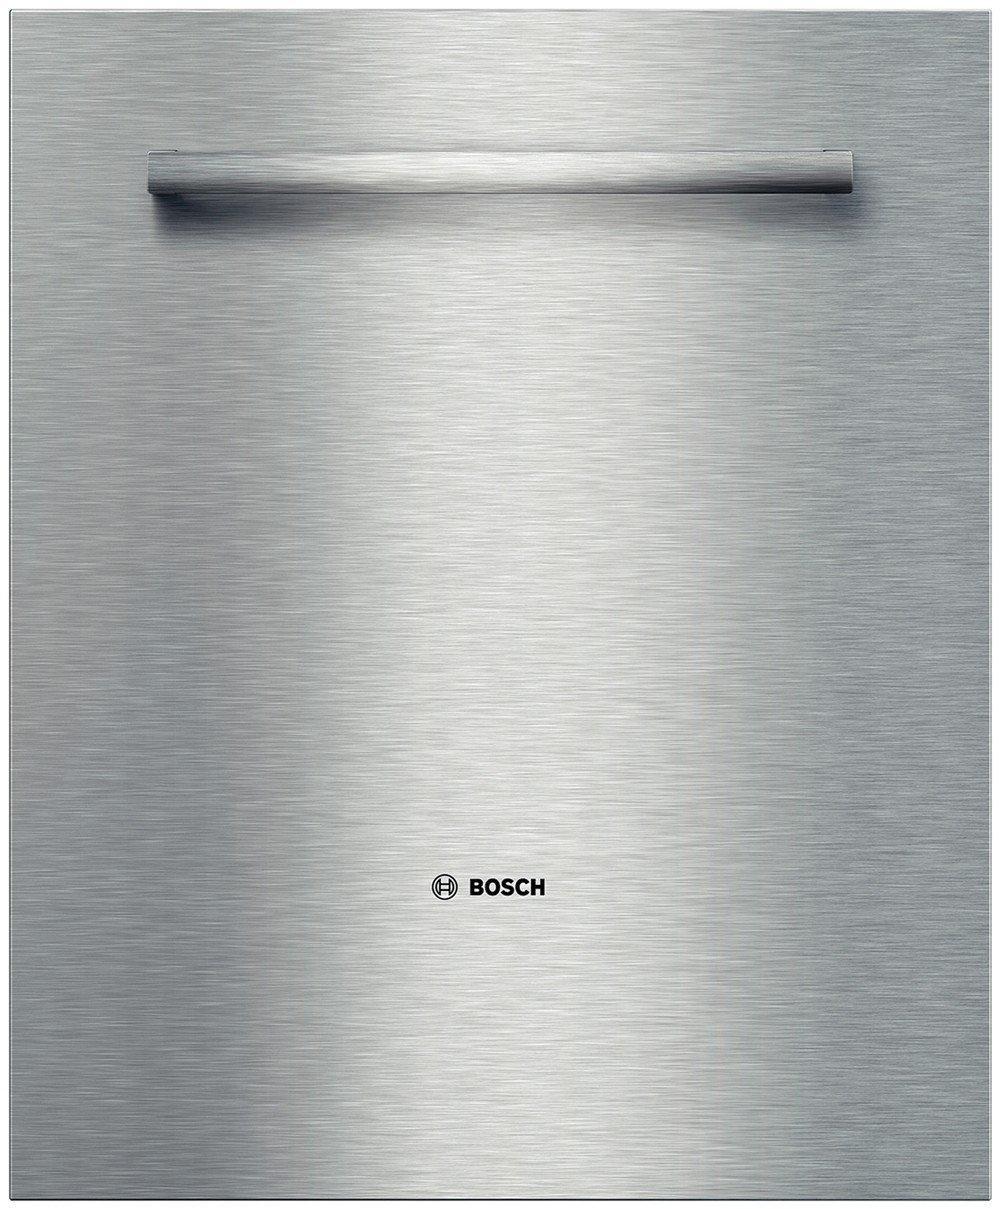 Деталь для посудомоечной машины - Bosch SMZ2055